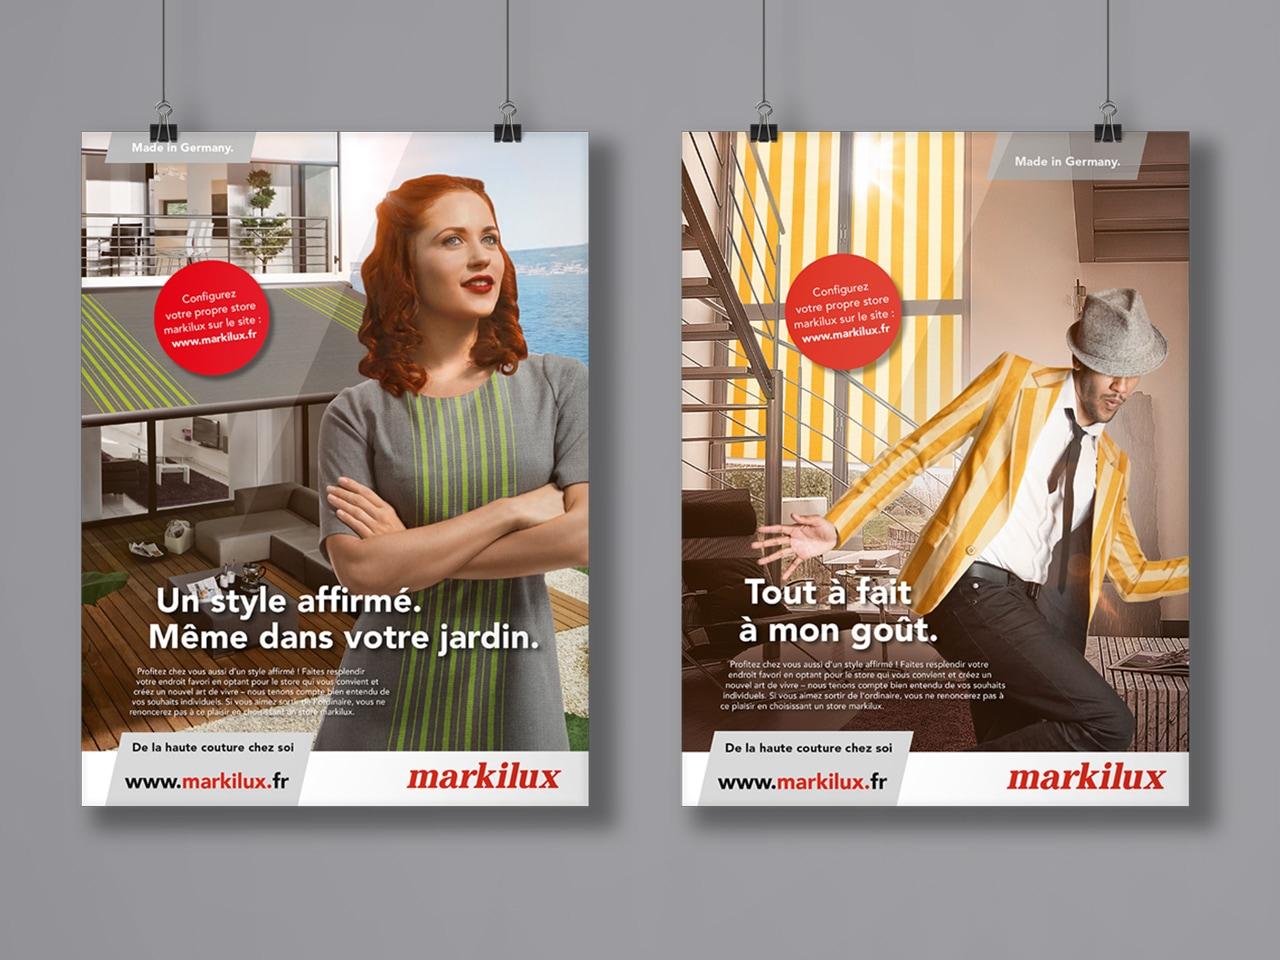 zwei Anzeigen Markilux nebeneinander Mann und Frau